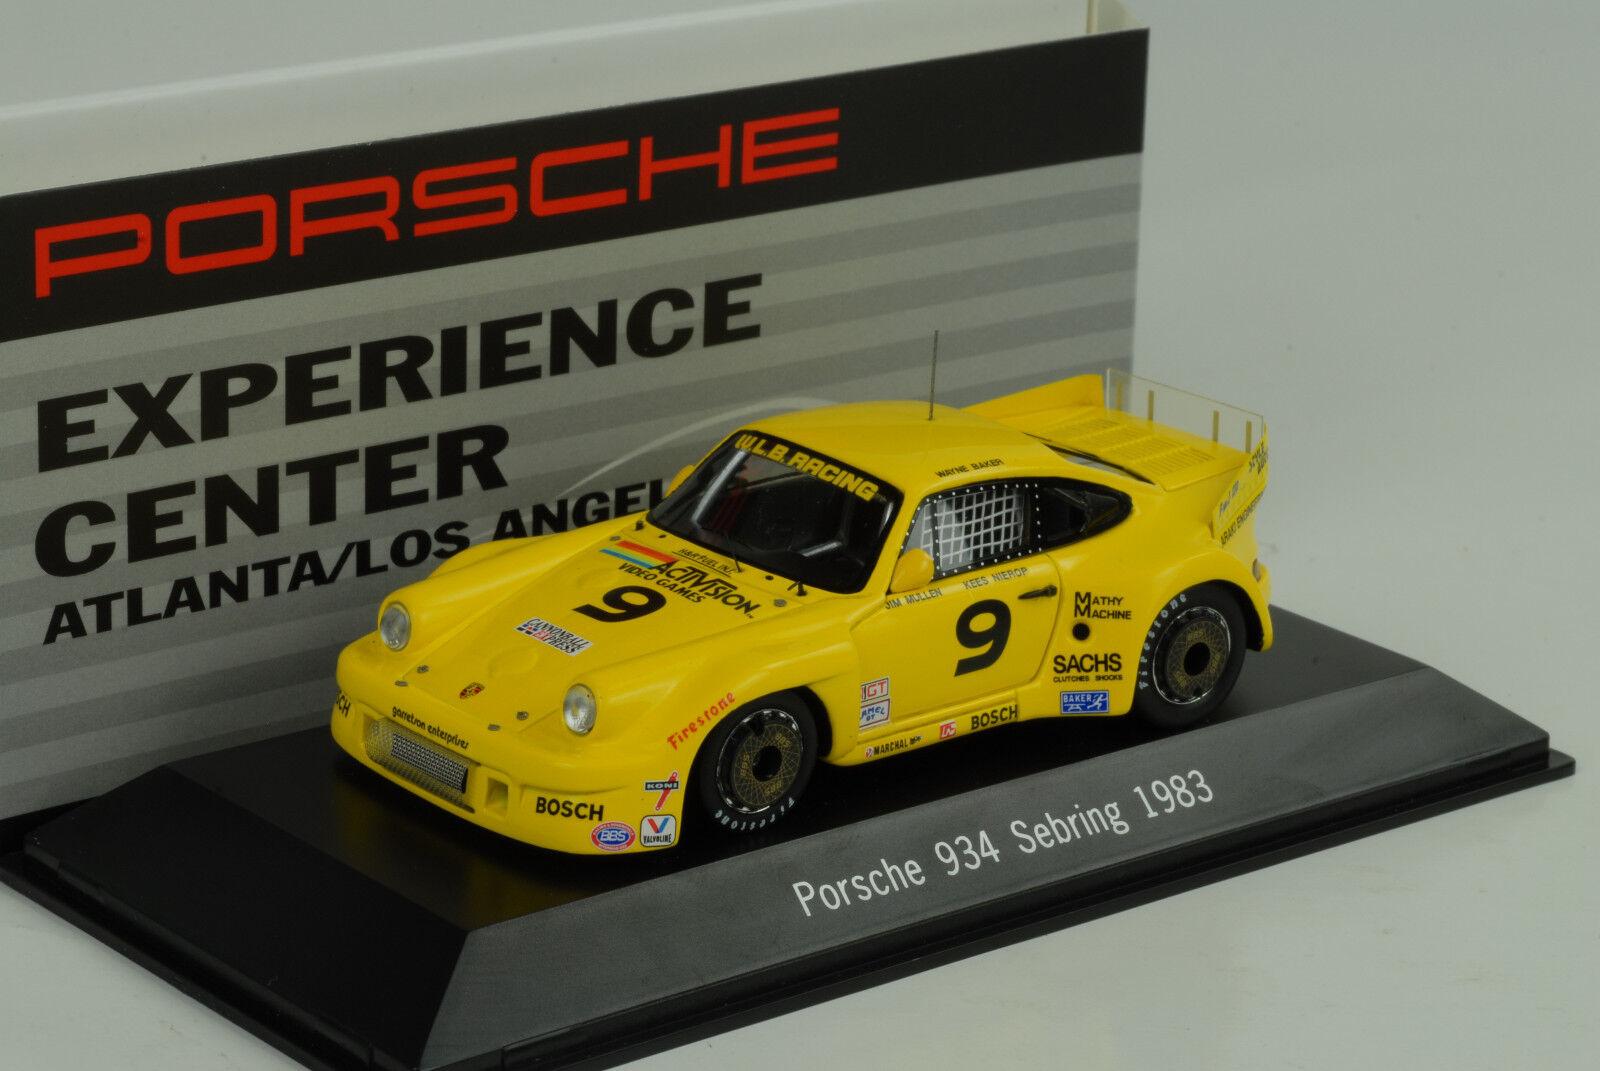 1983 Porsche 911 934 Sebring #9 Expérience Centre Atlanta 1:43 Spark Musée | Léger